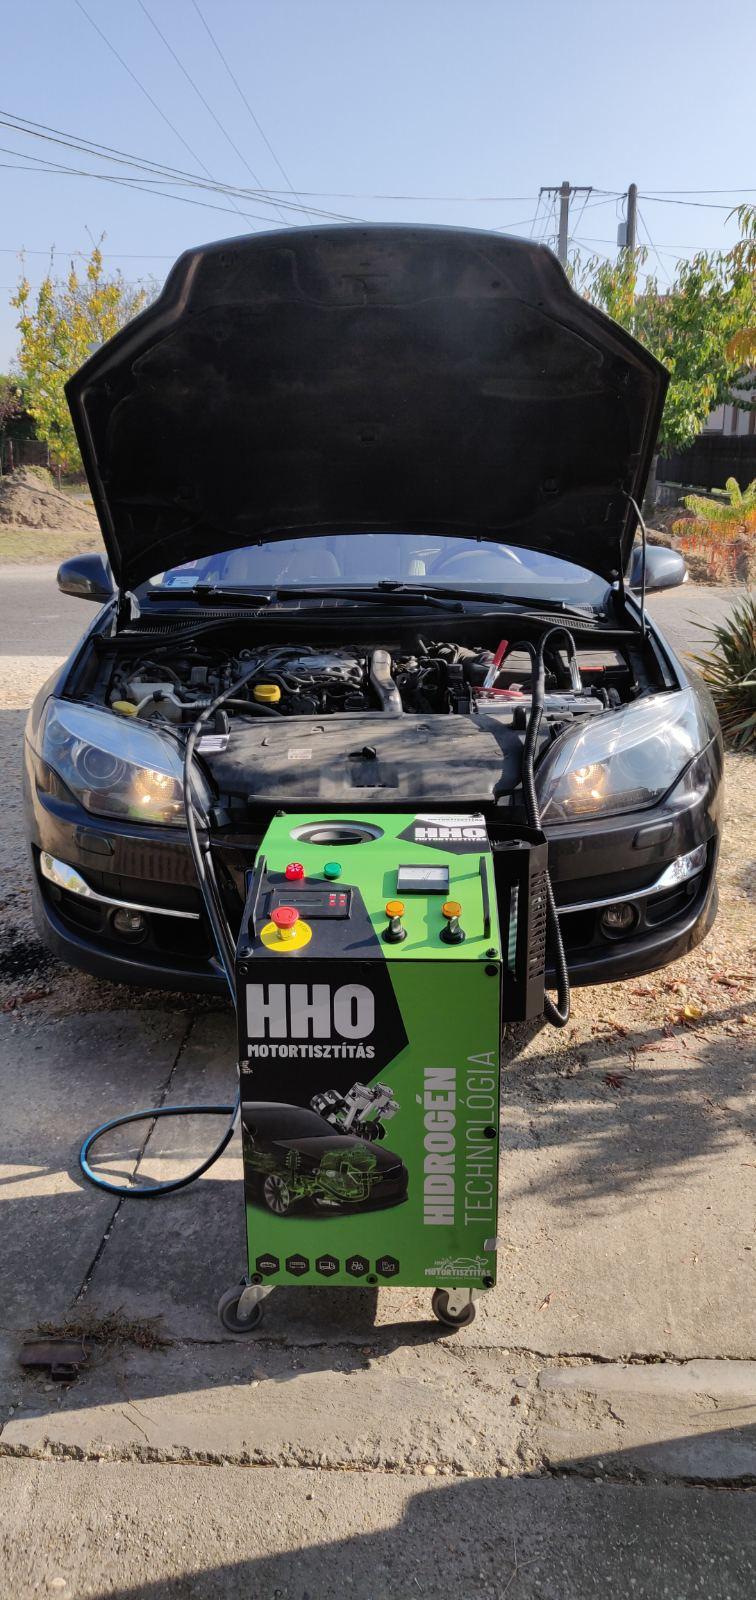 HHO Motortisztítás Renault Laguna 3 2.0 Dci 175 Lóerő